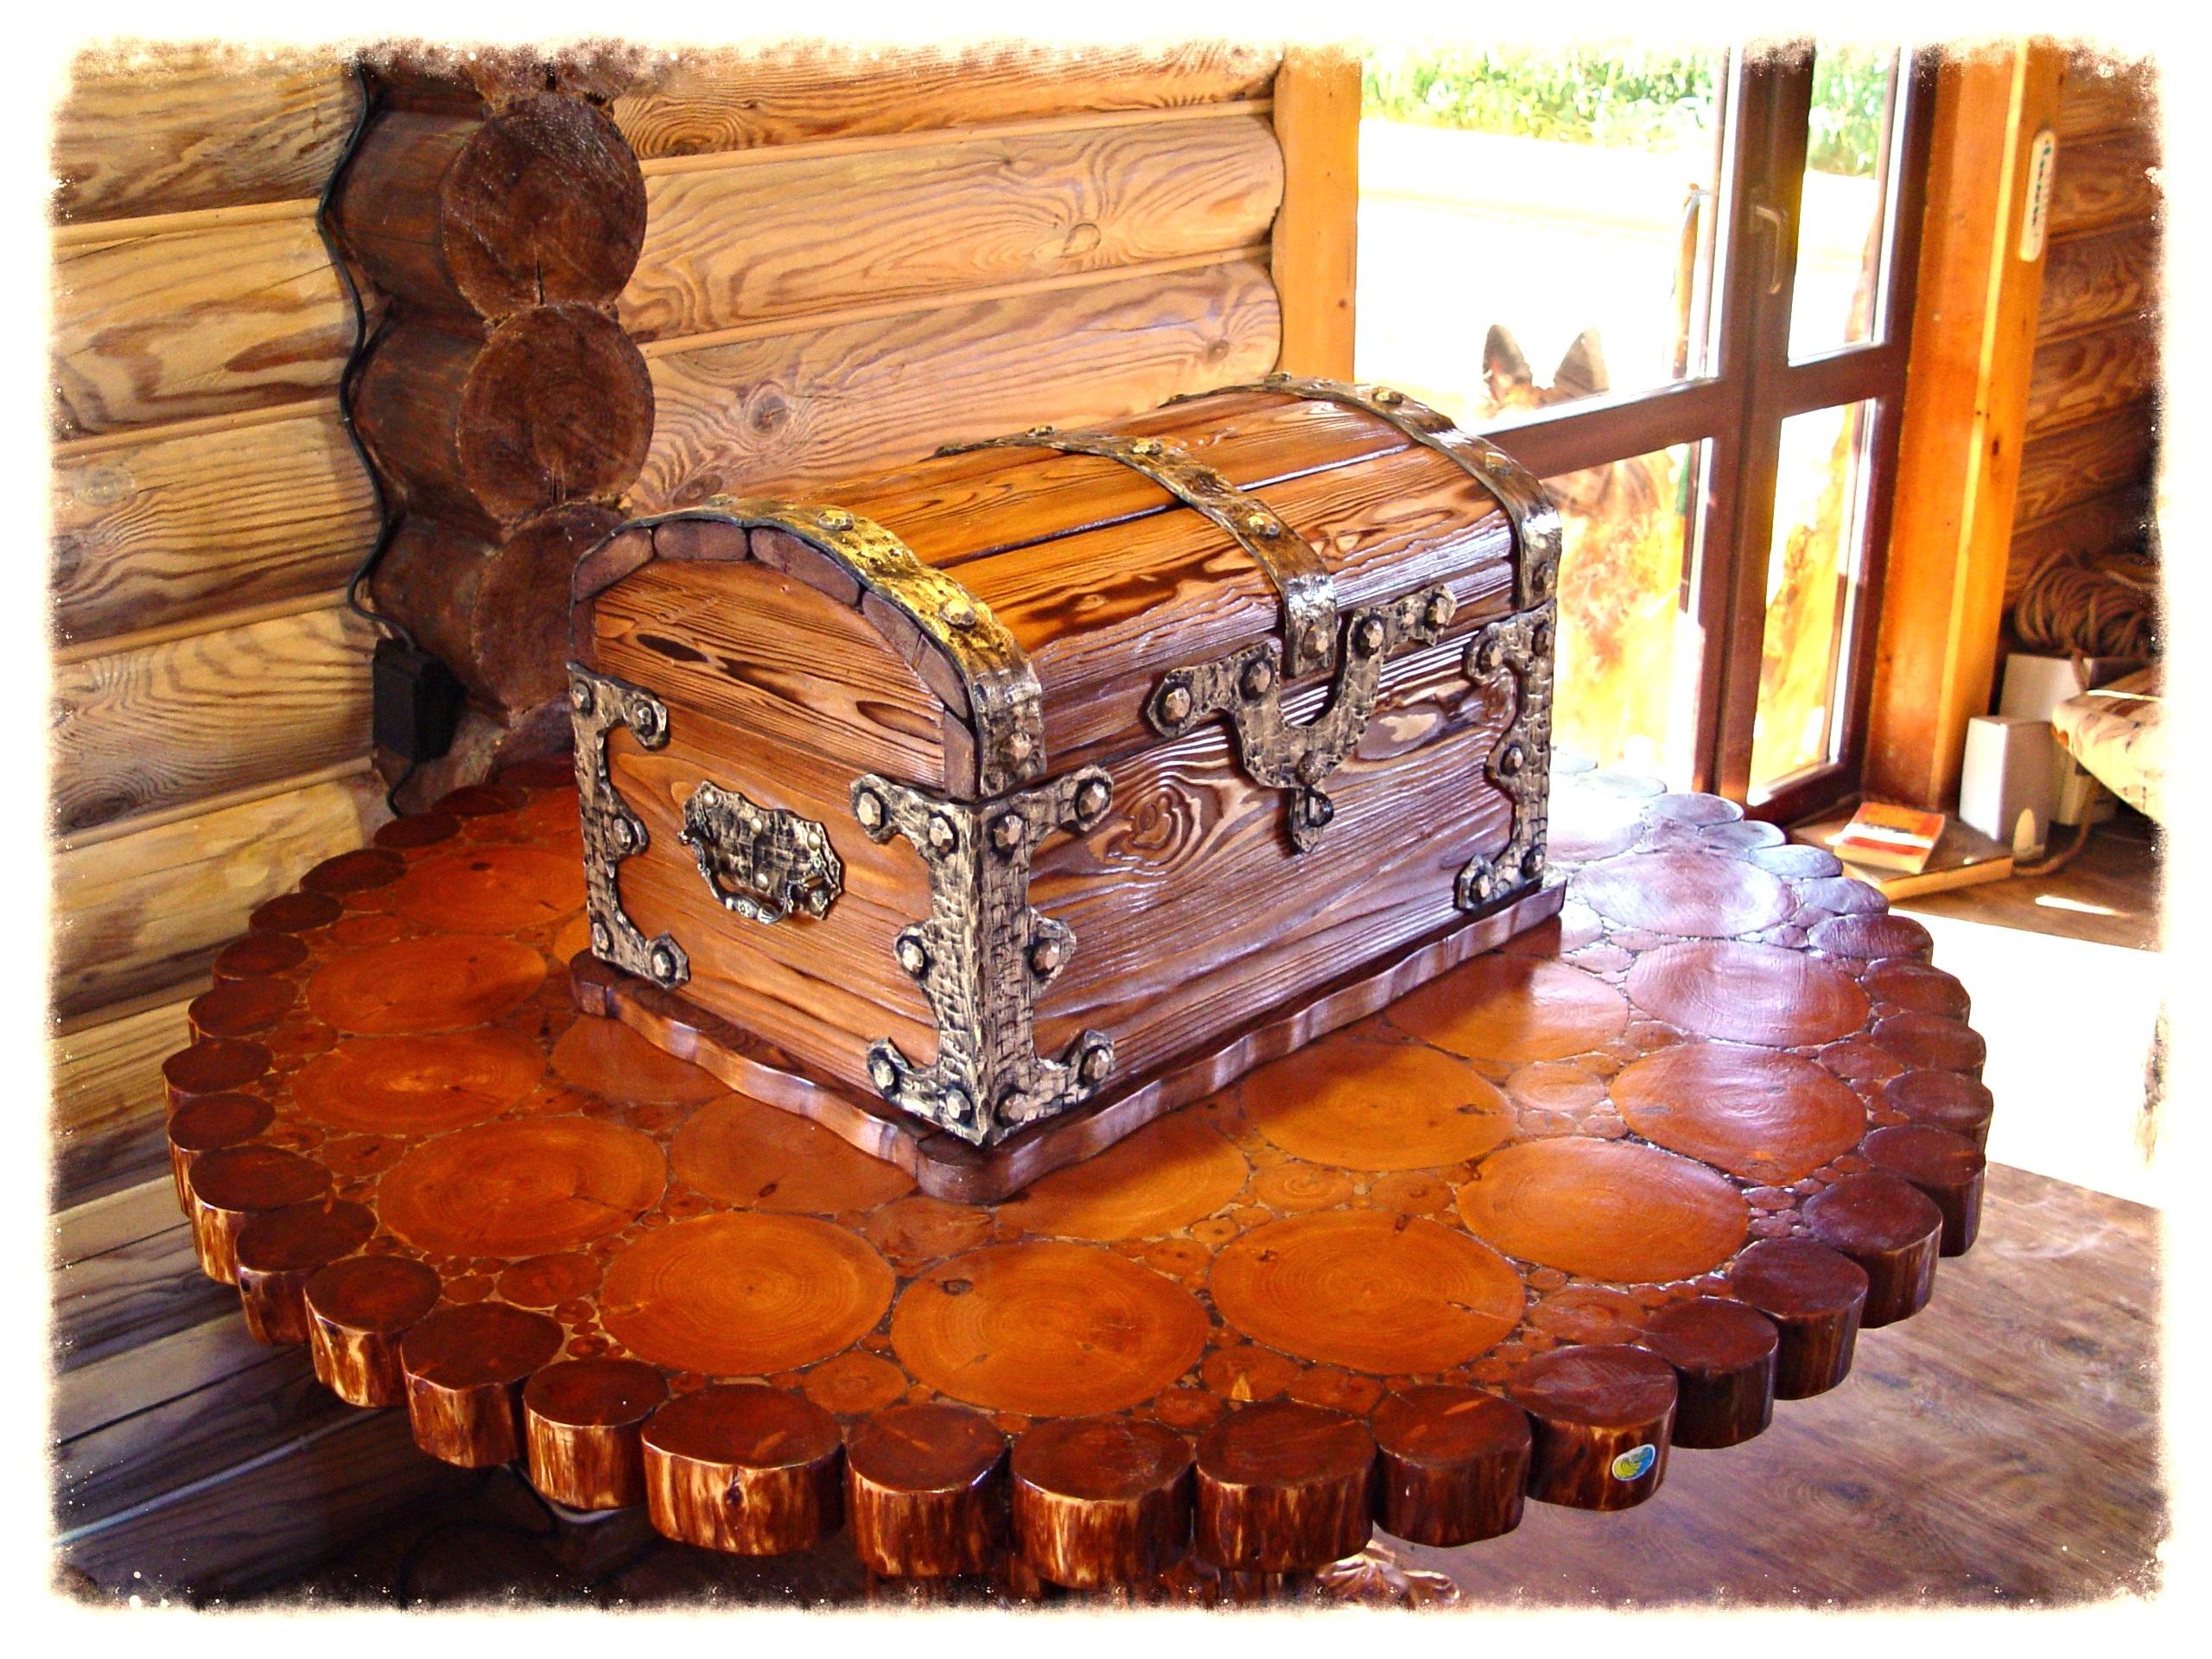 Gambar Meja Pohon Kayu Antik Makanan Alam Mebel Pencuci Makan Amber Mulut Kue Dada